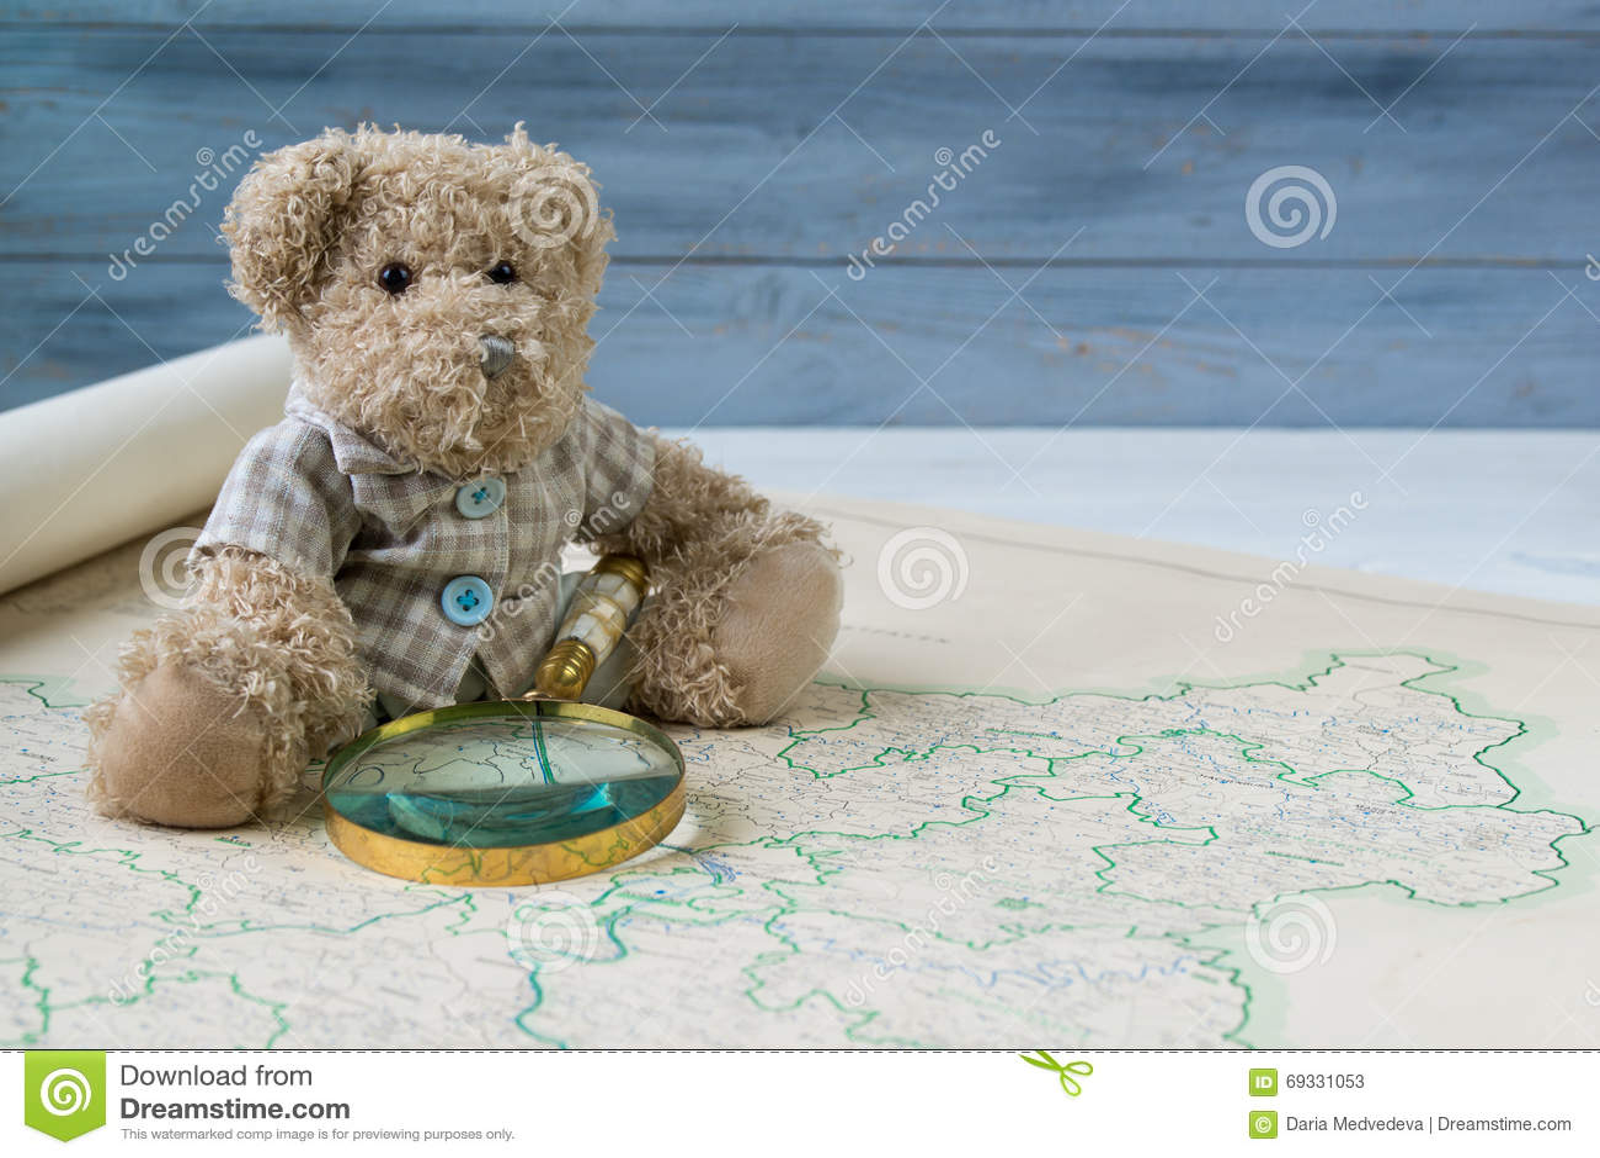 Το Teddy αντέχει με την παλαιά ενίσχυση - το γυαλί βλέπει τον παλαιό χάρτη της Γερμανίας